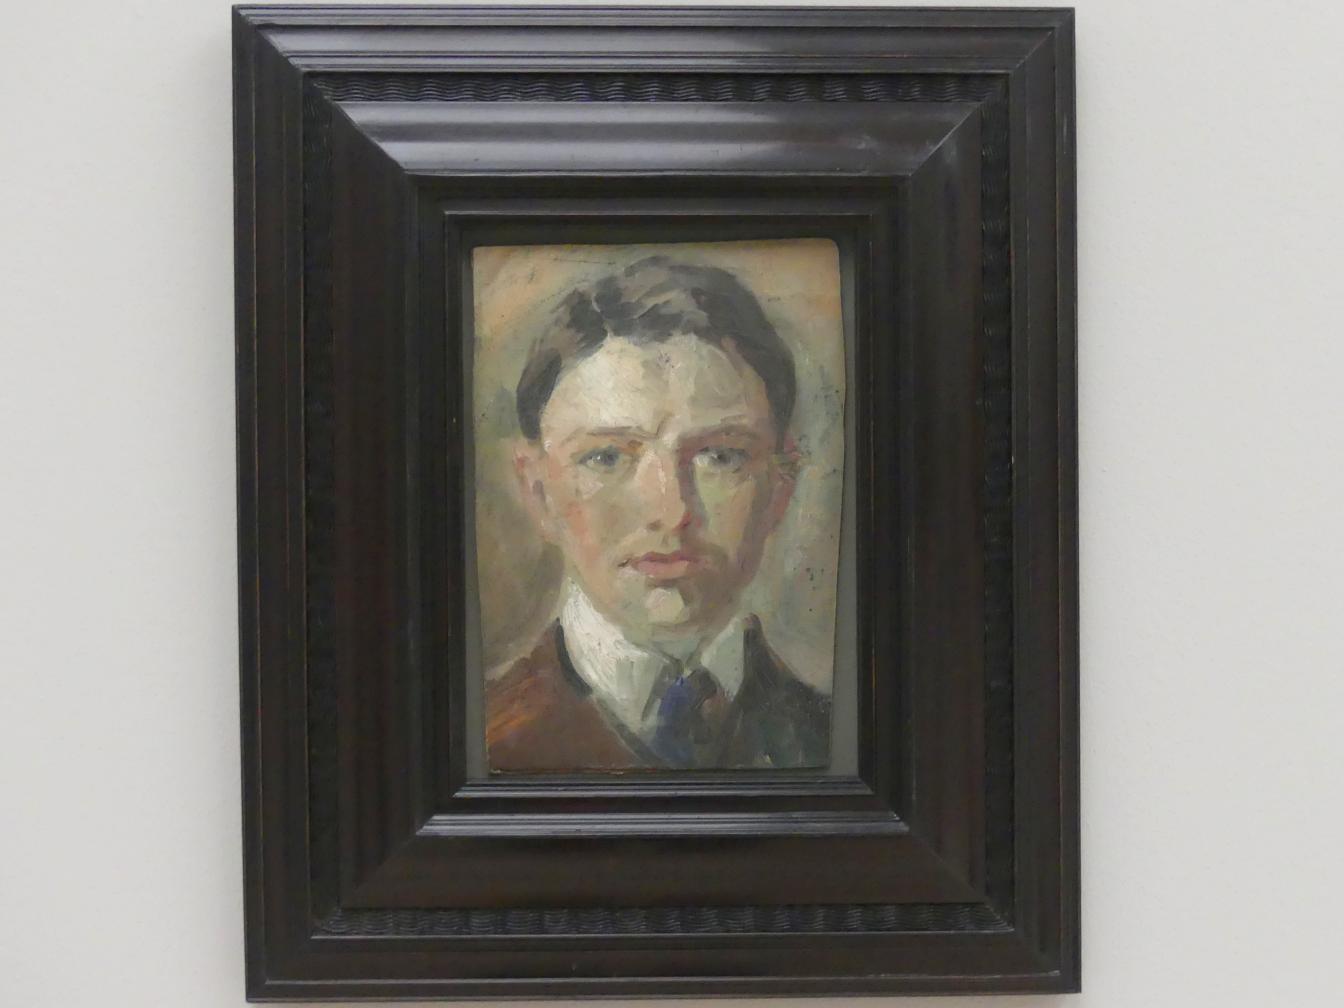 August Macke (1887 Meschede - 1914 Perthes-lès-Hurlus)